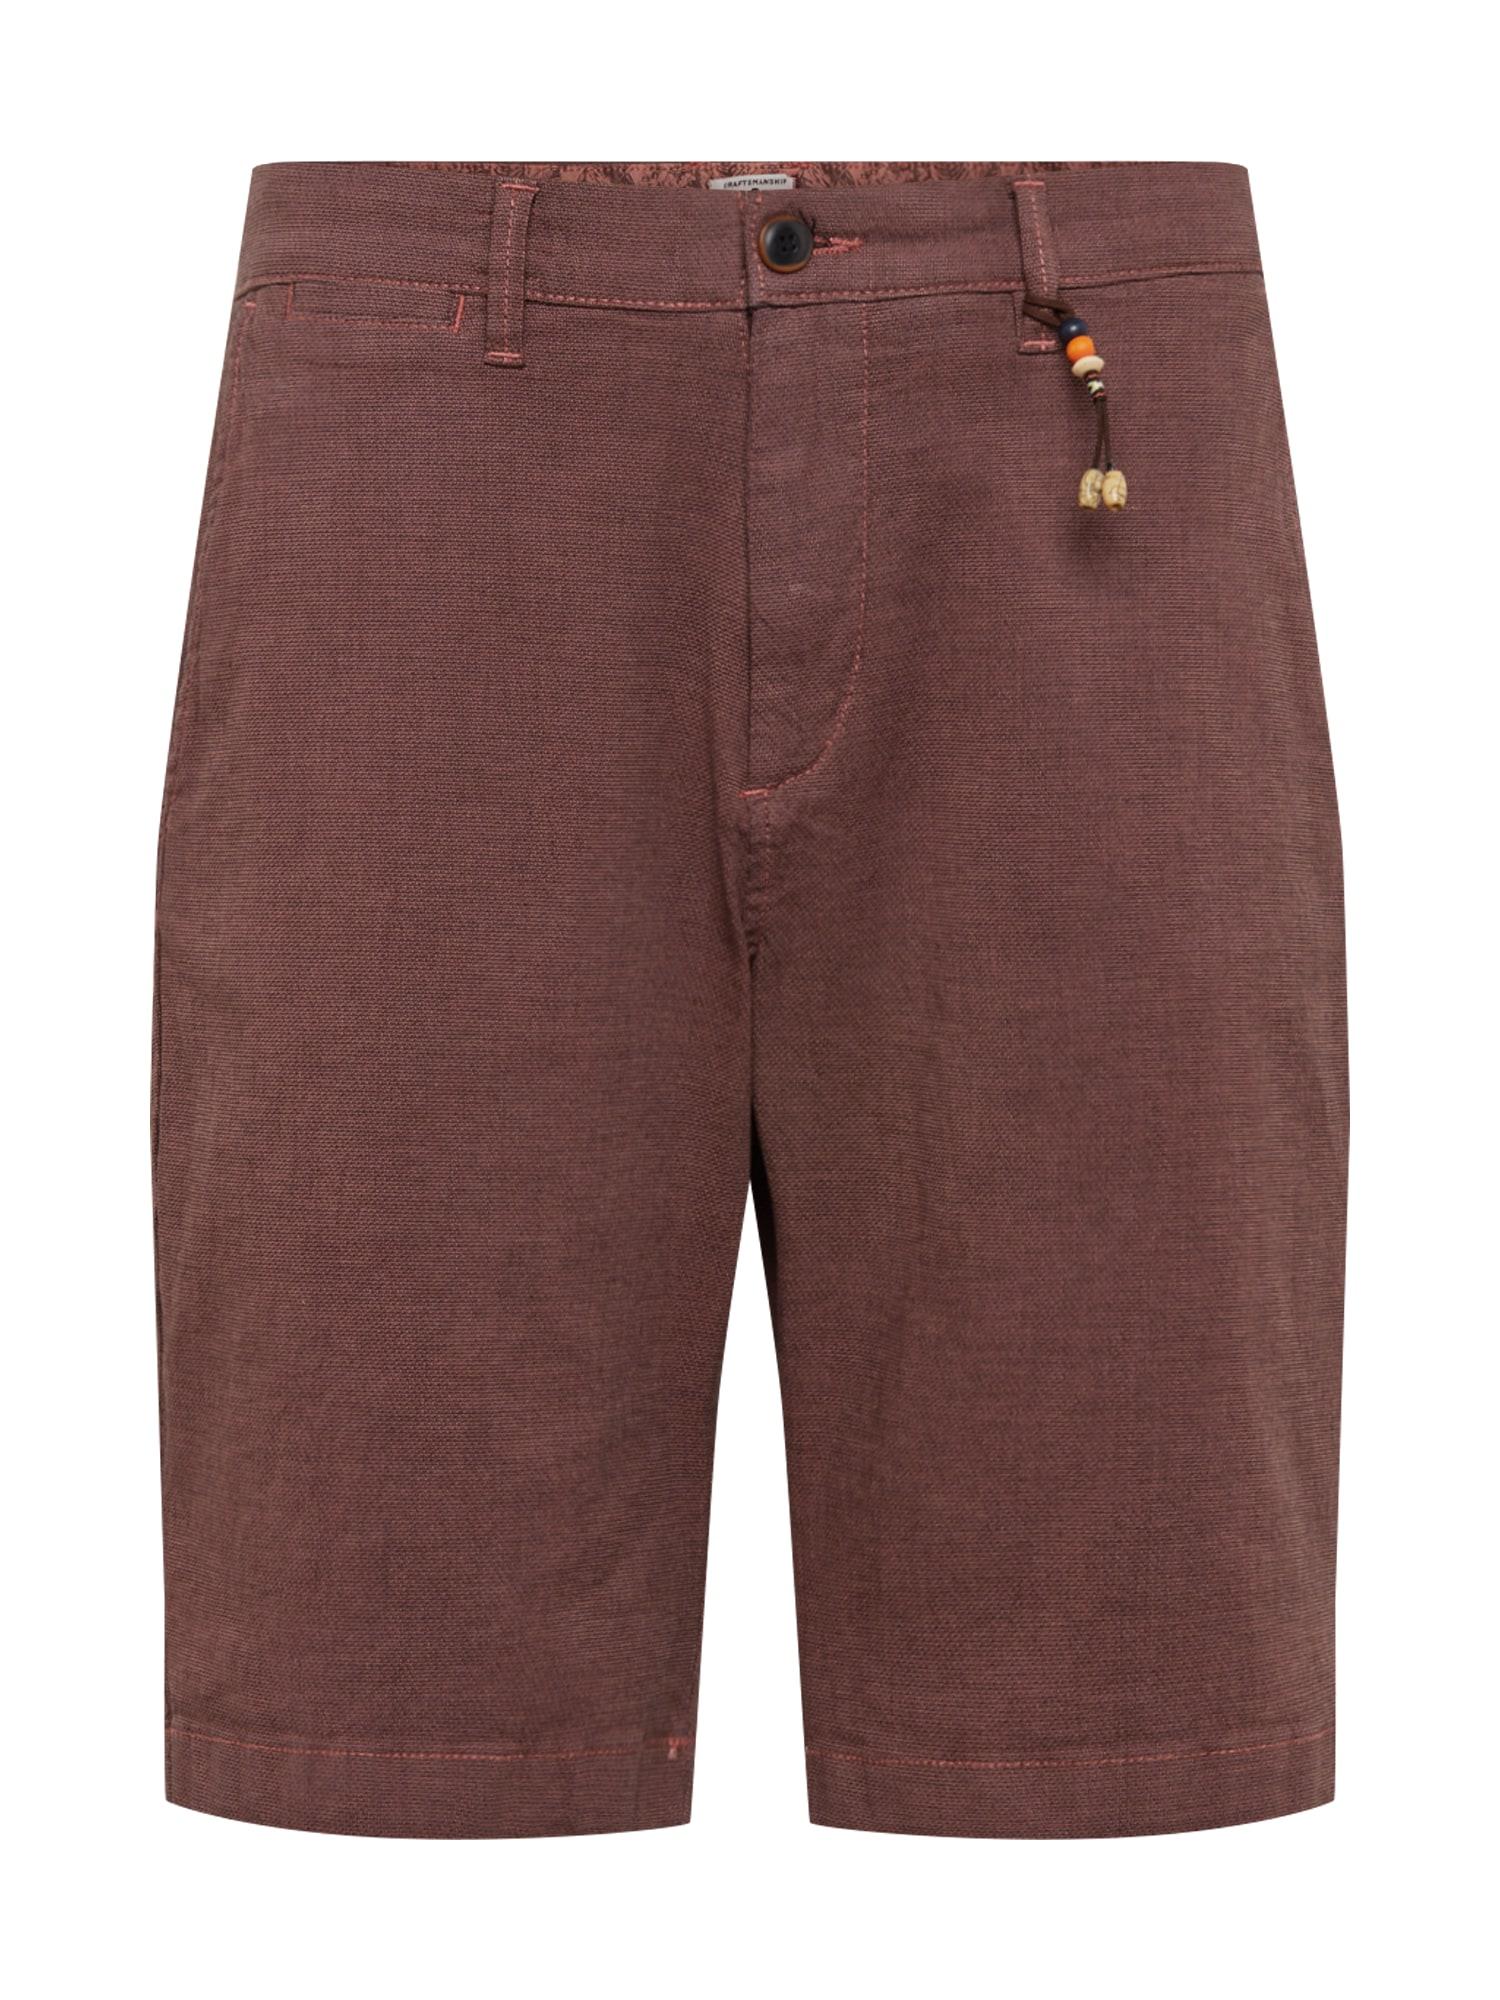 Chino kalhoty Kenzo Akm 432 červená třešeň JACK & JONES